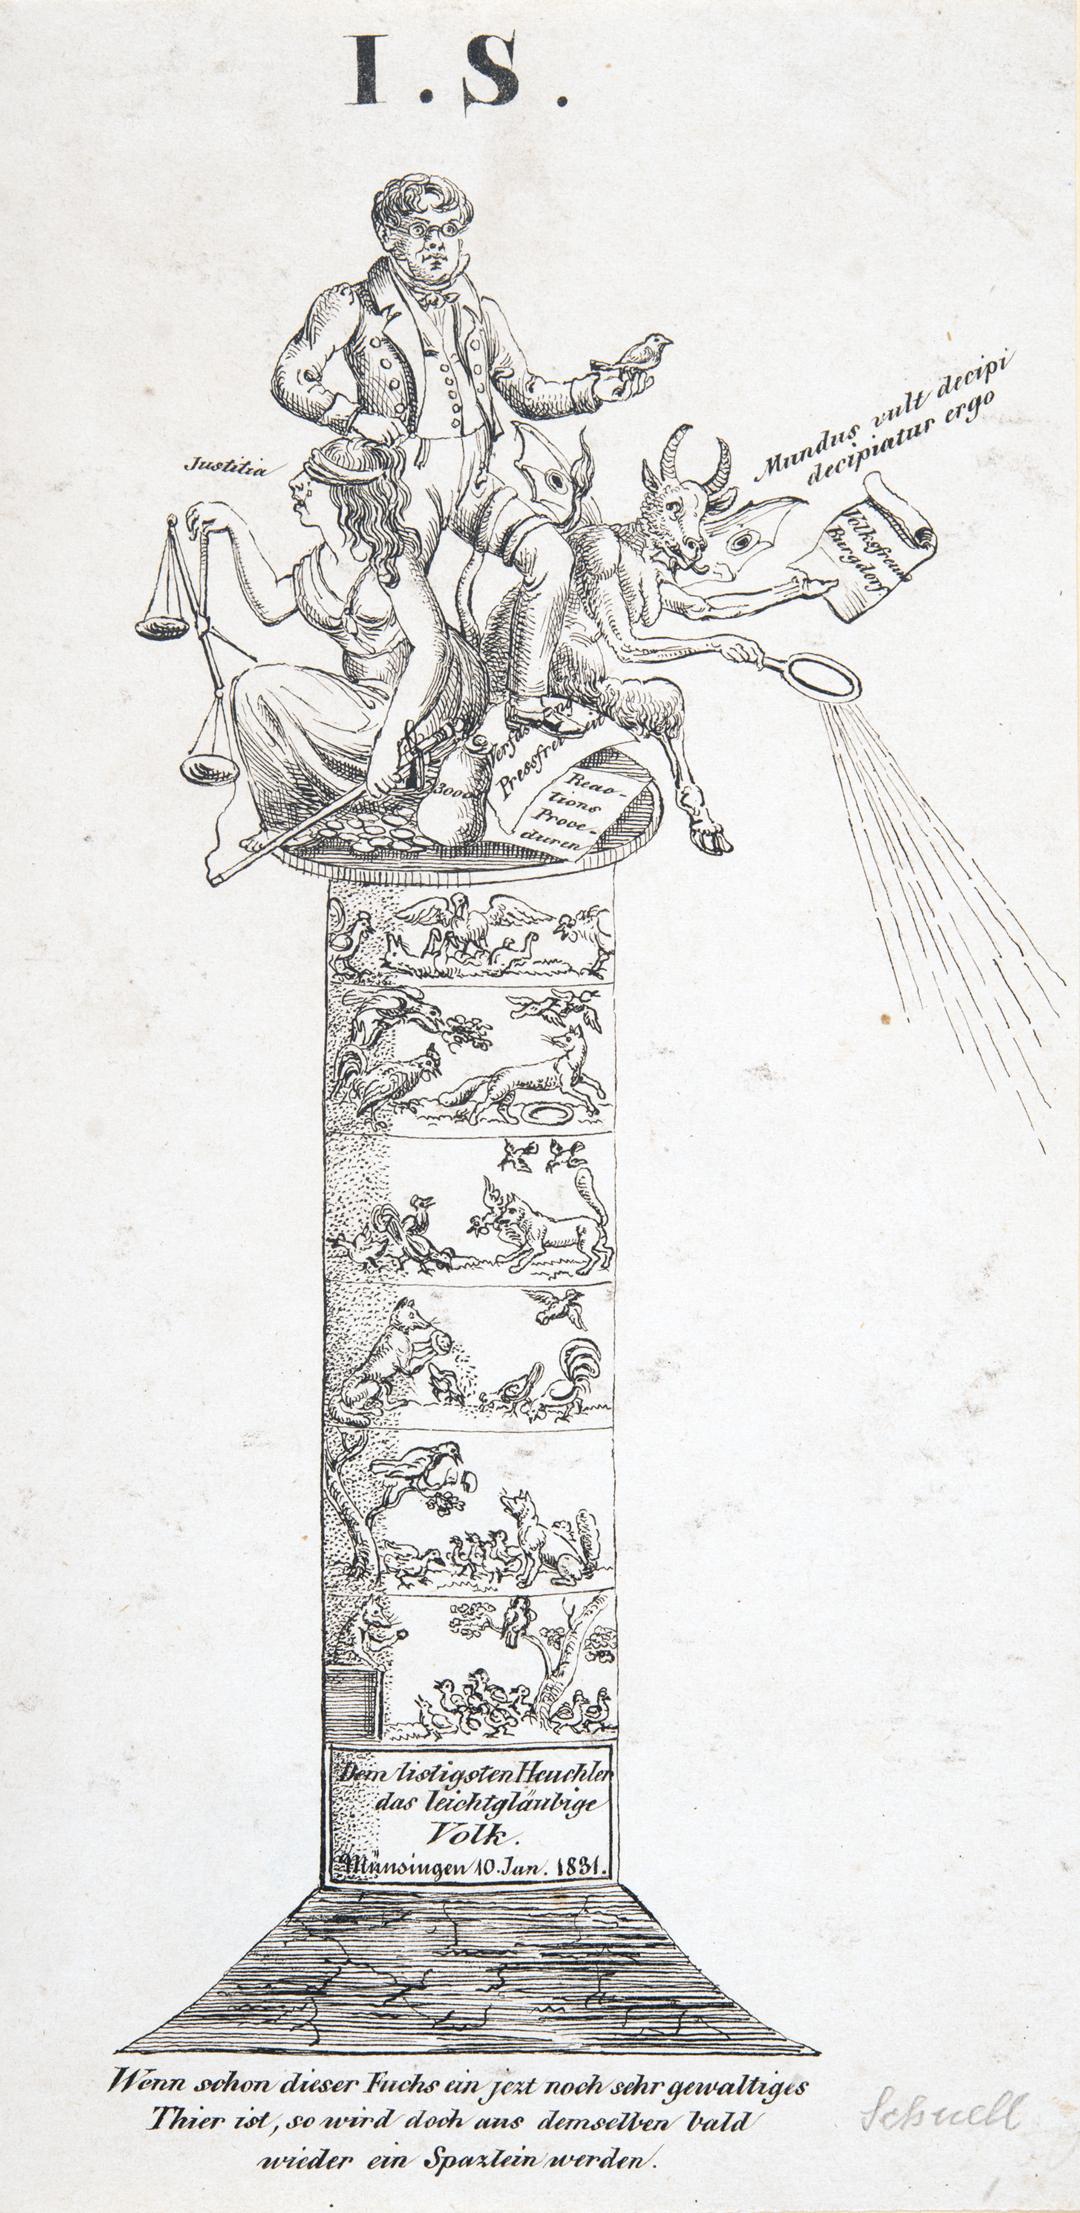 Karikatur aus dem konservativen Lager, vermutlich nach dem Volkstag in Münsingen BE 1831